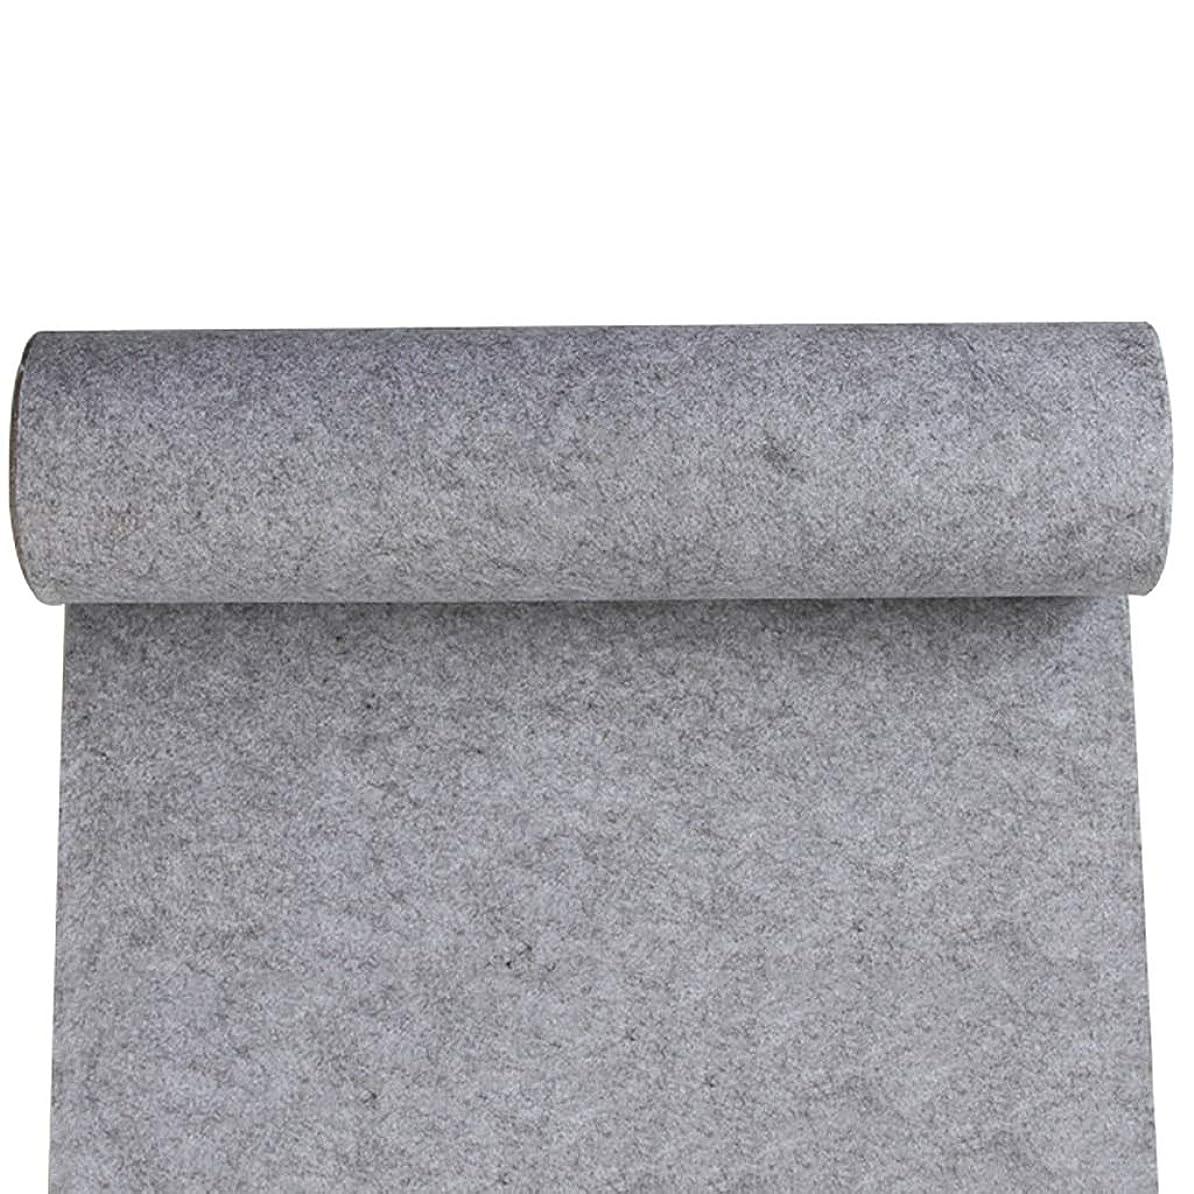 リーダーシップフルーティー無法者結婚式のための通路のランナー、使い捨て不織布のカーペットランナー、パーティーのためのラグランナー廊下の階段(9色オプション) (色 : グレー, サイズ : 1m×15m)